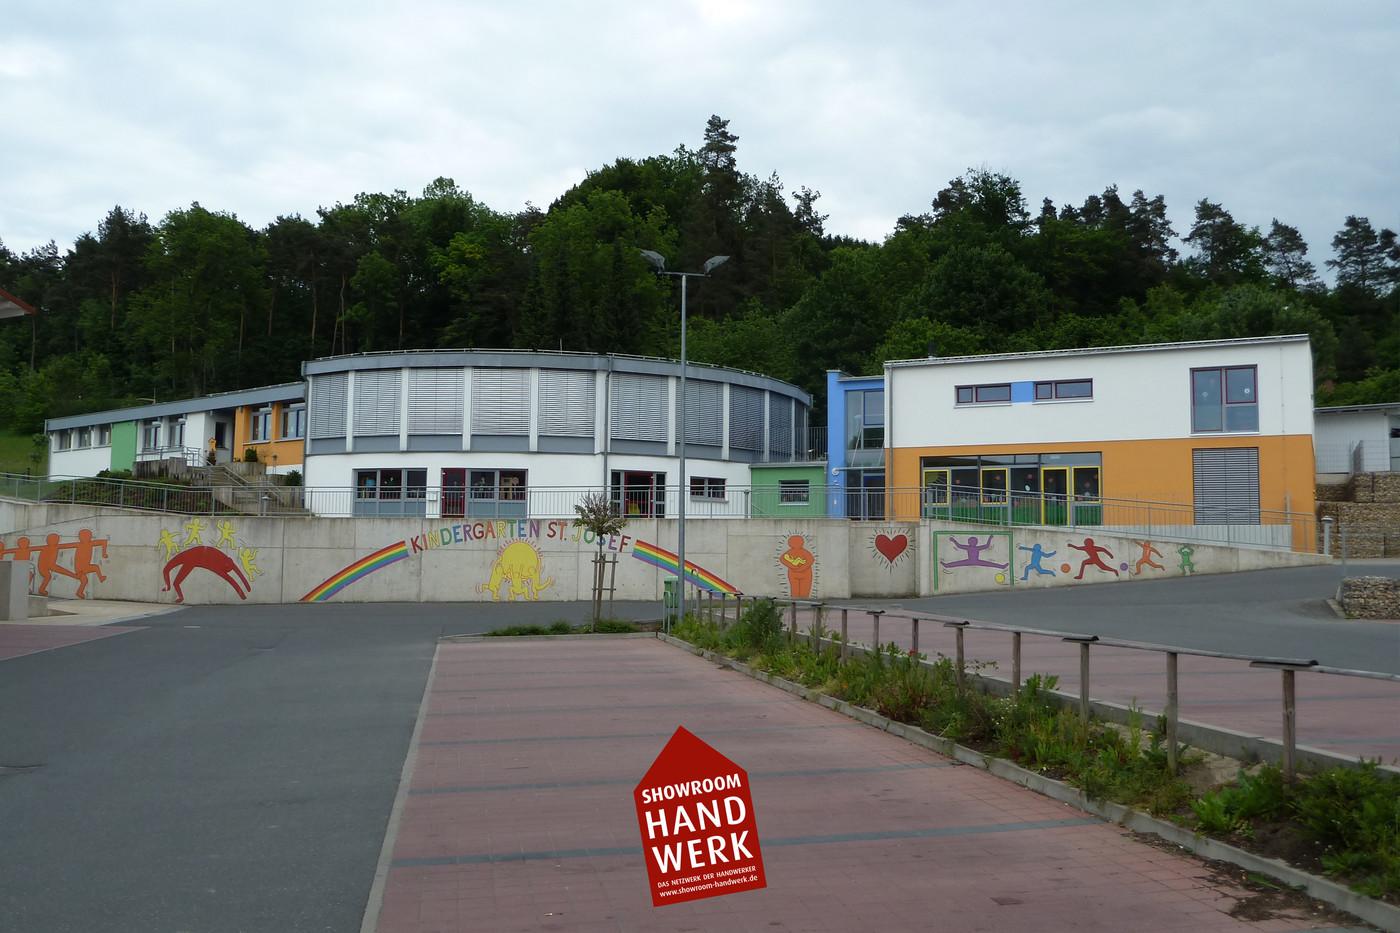 Farbenfroher Kindergarten.jpg